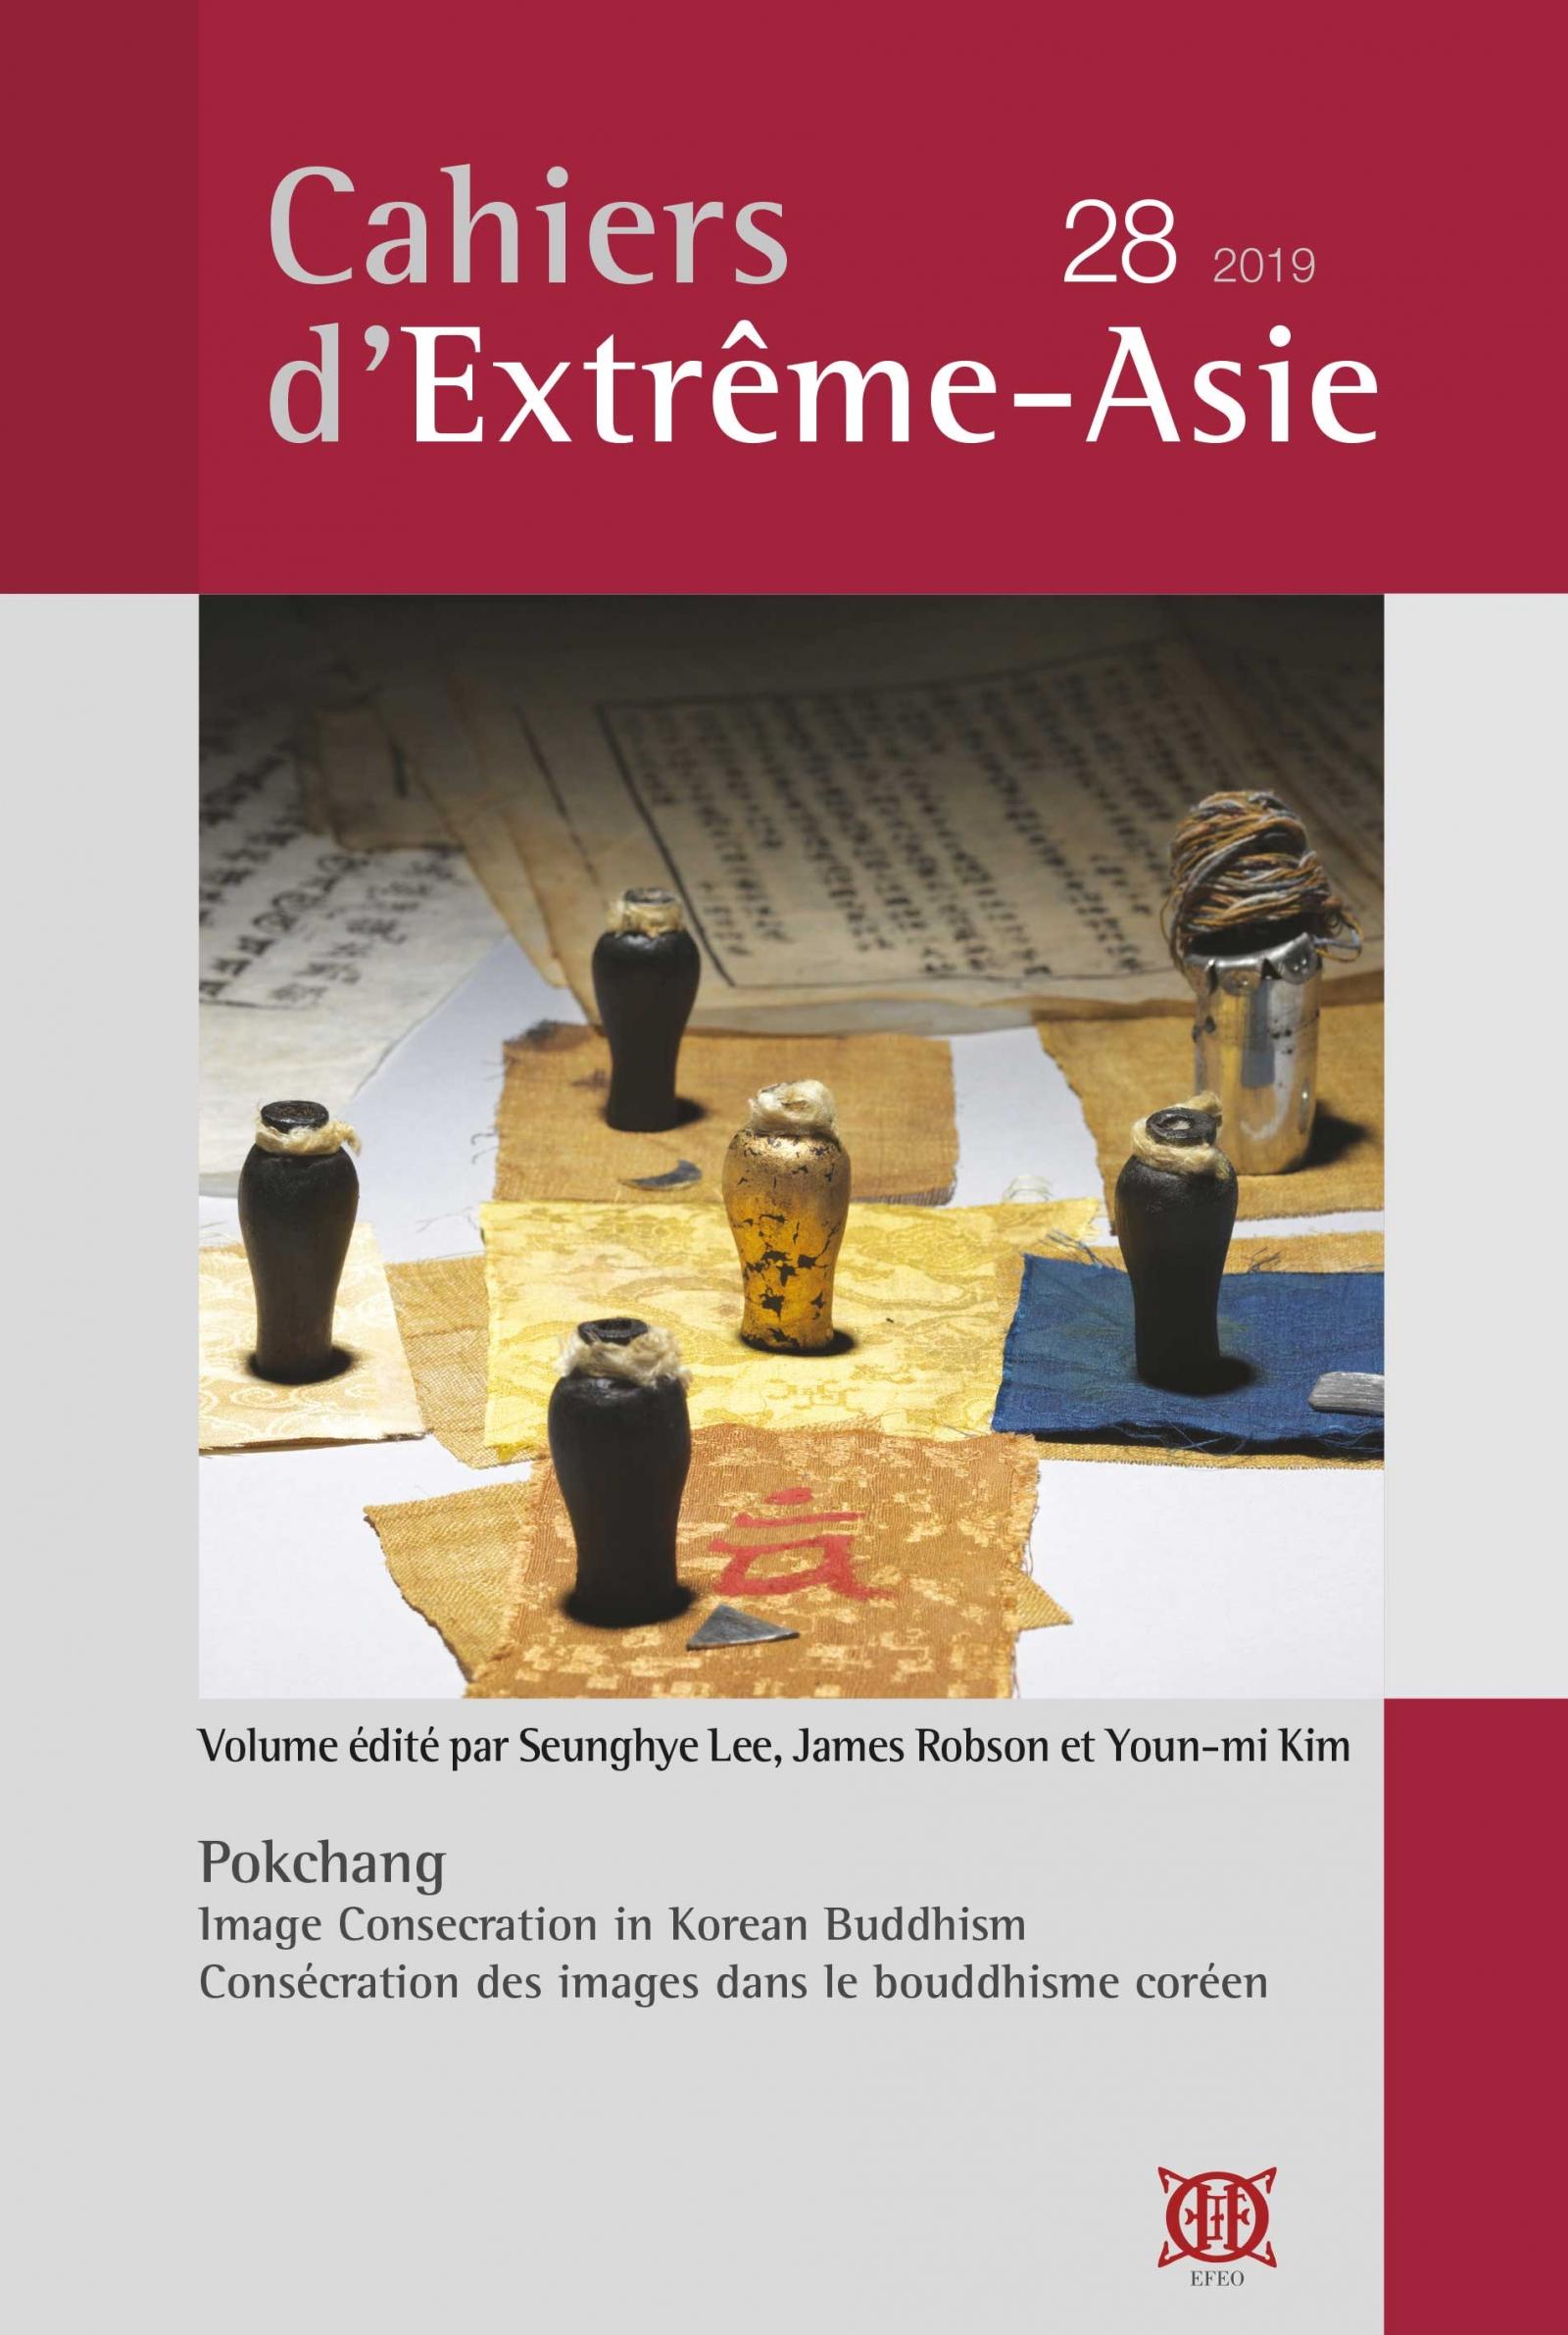 Cahiers d'Extrême-Asie 28 (2019)